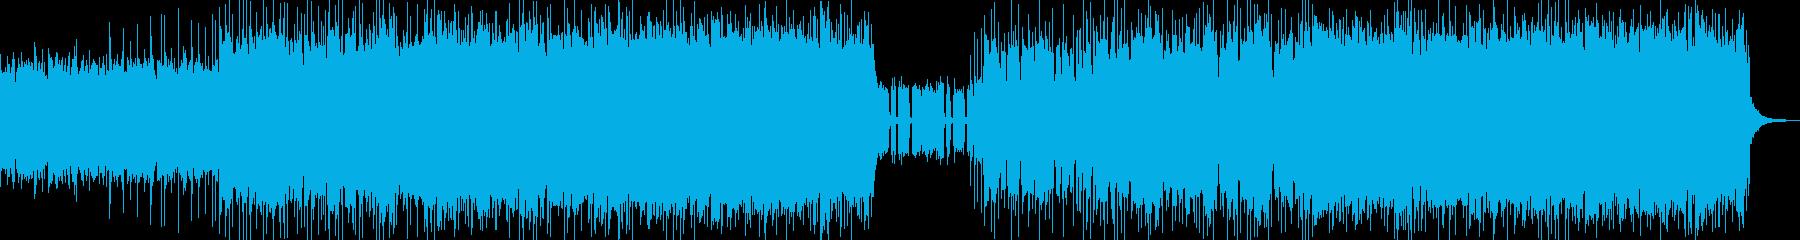 パンク 実験的な岩 バックシェイク...の再生済みの波形